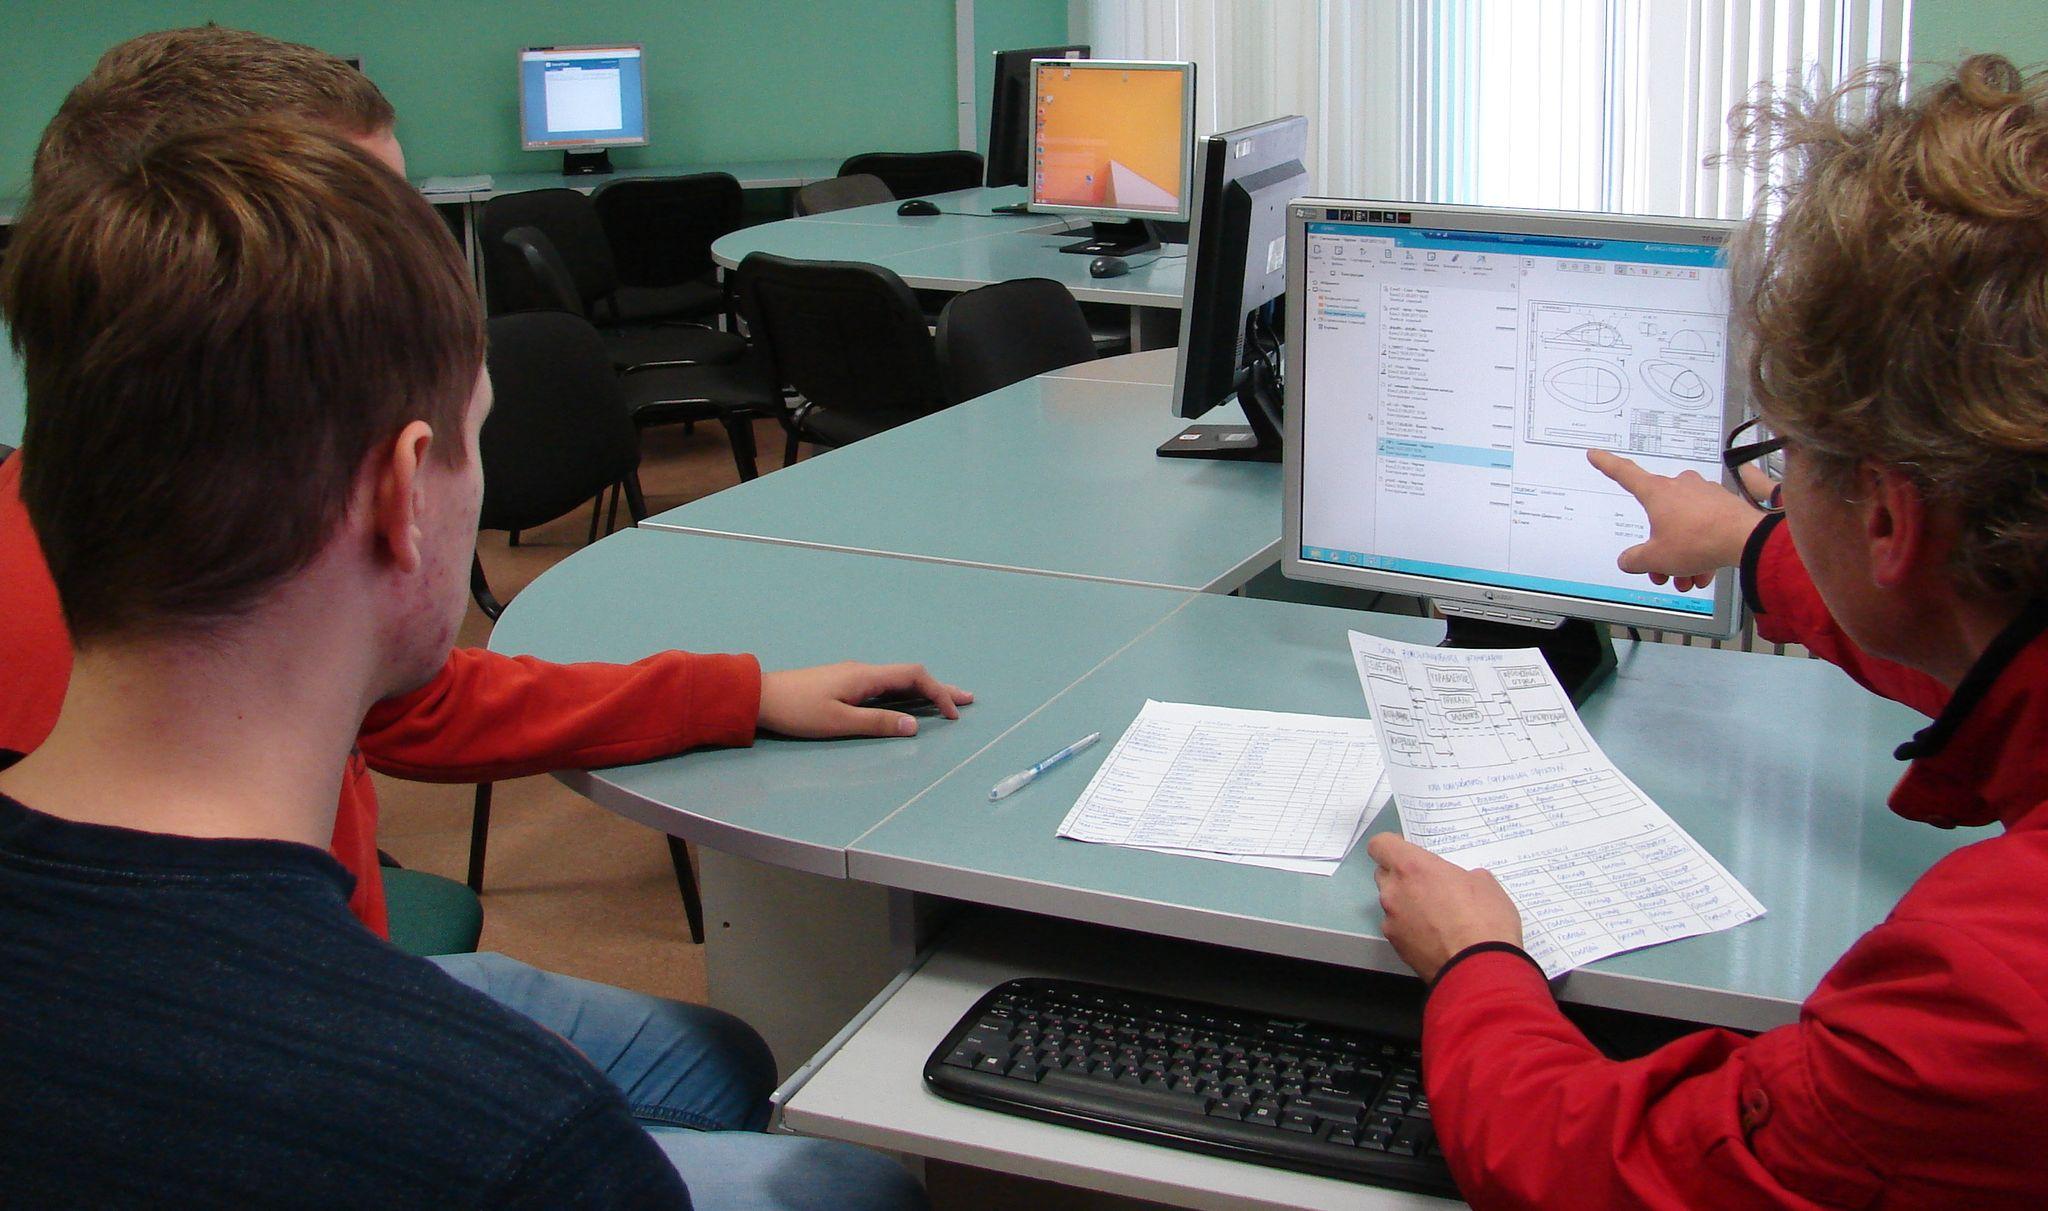 Коллективная работа и электронный документооборот. Опыт обучения в университете - 1